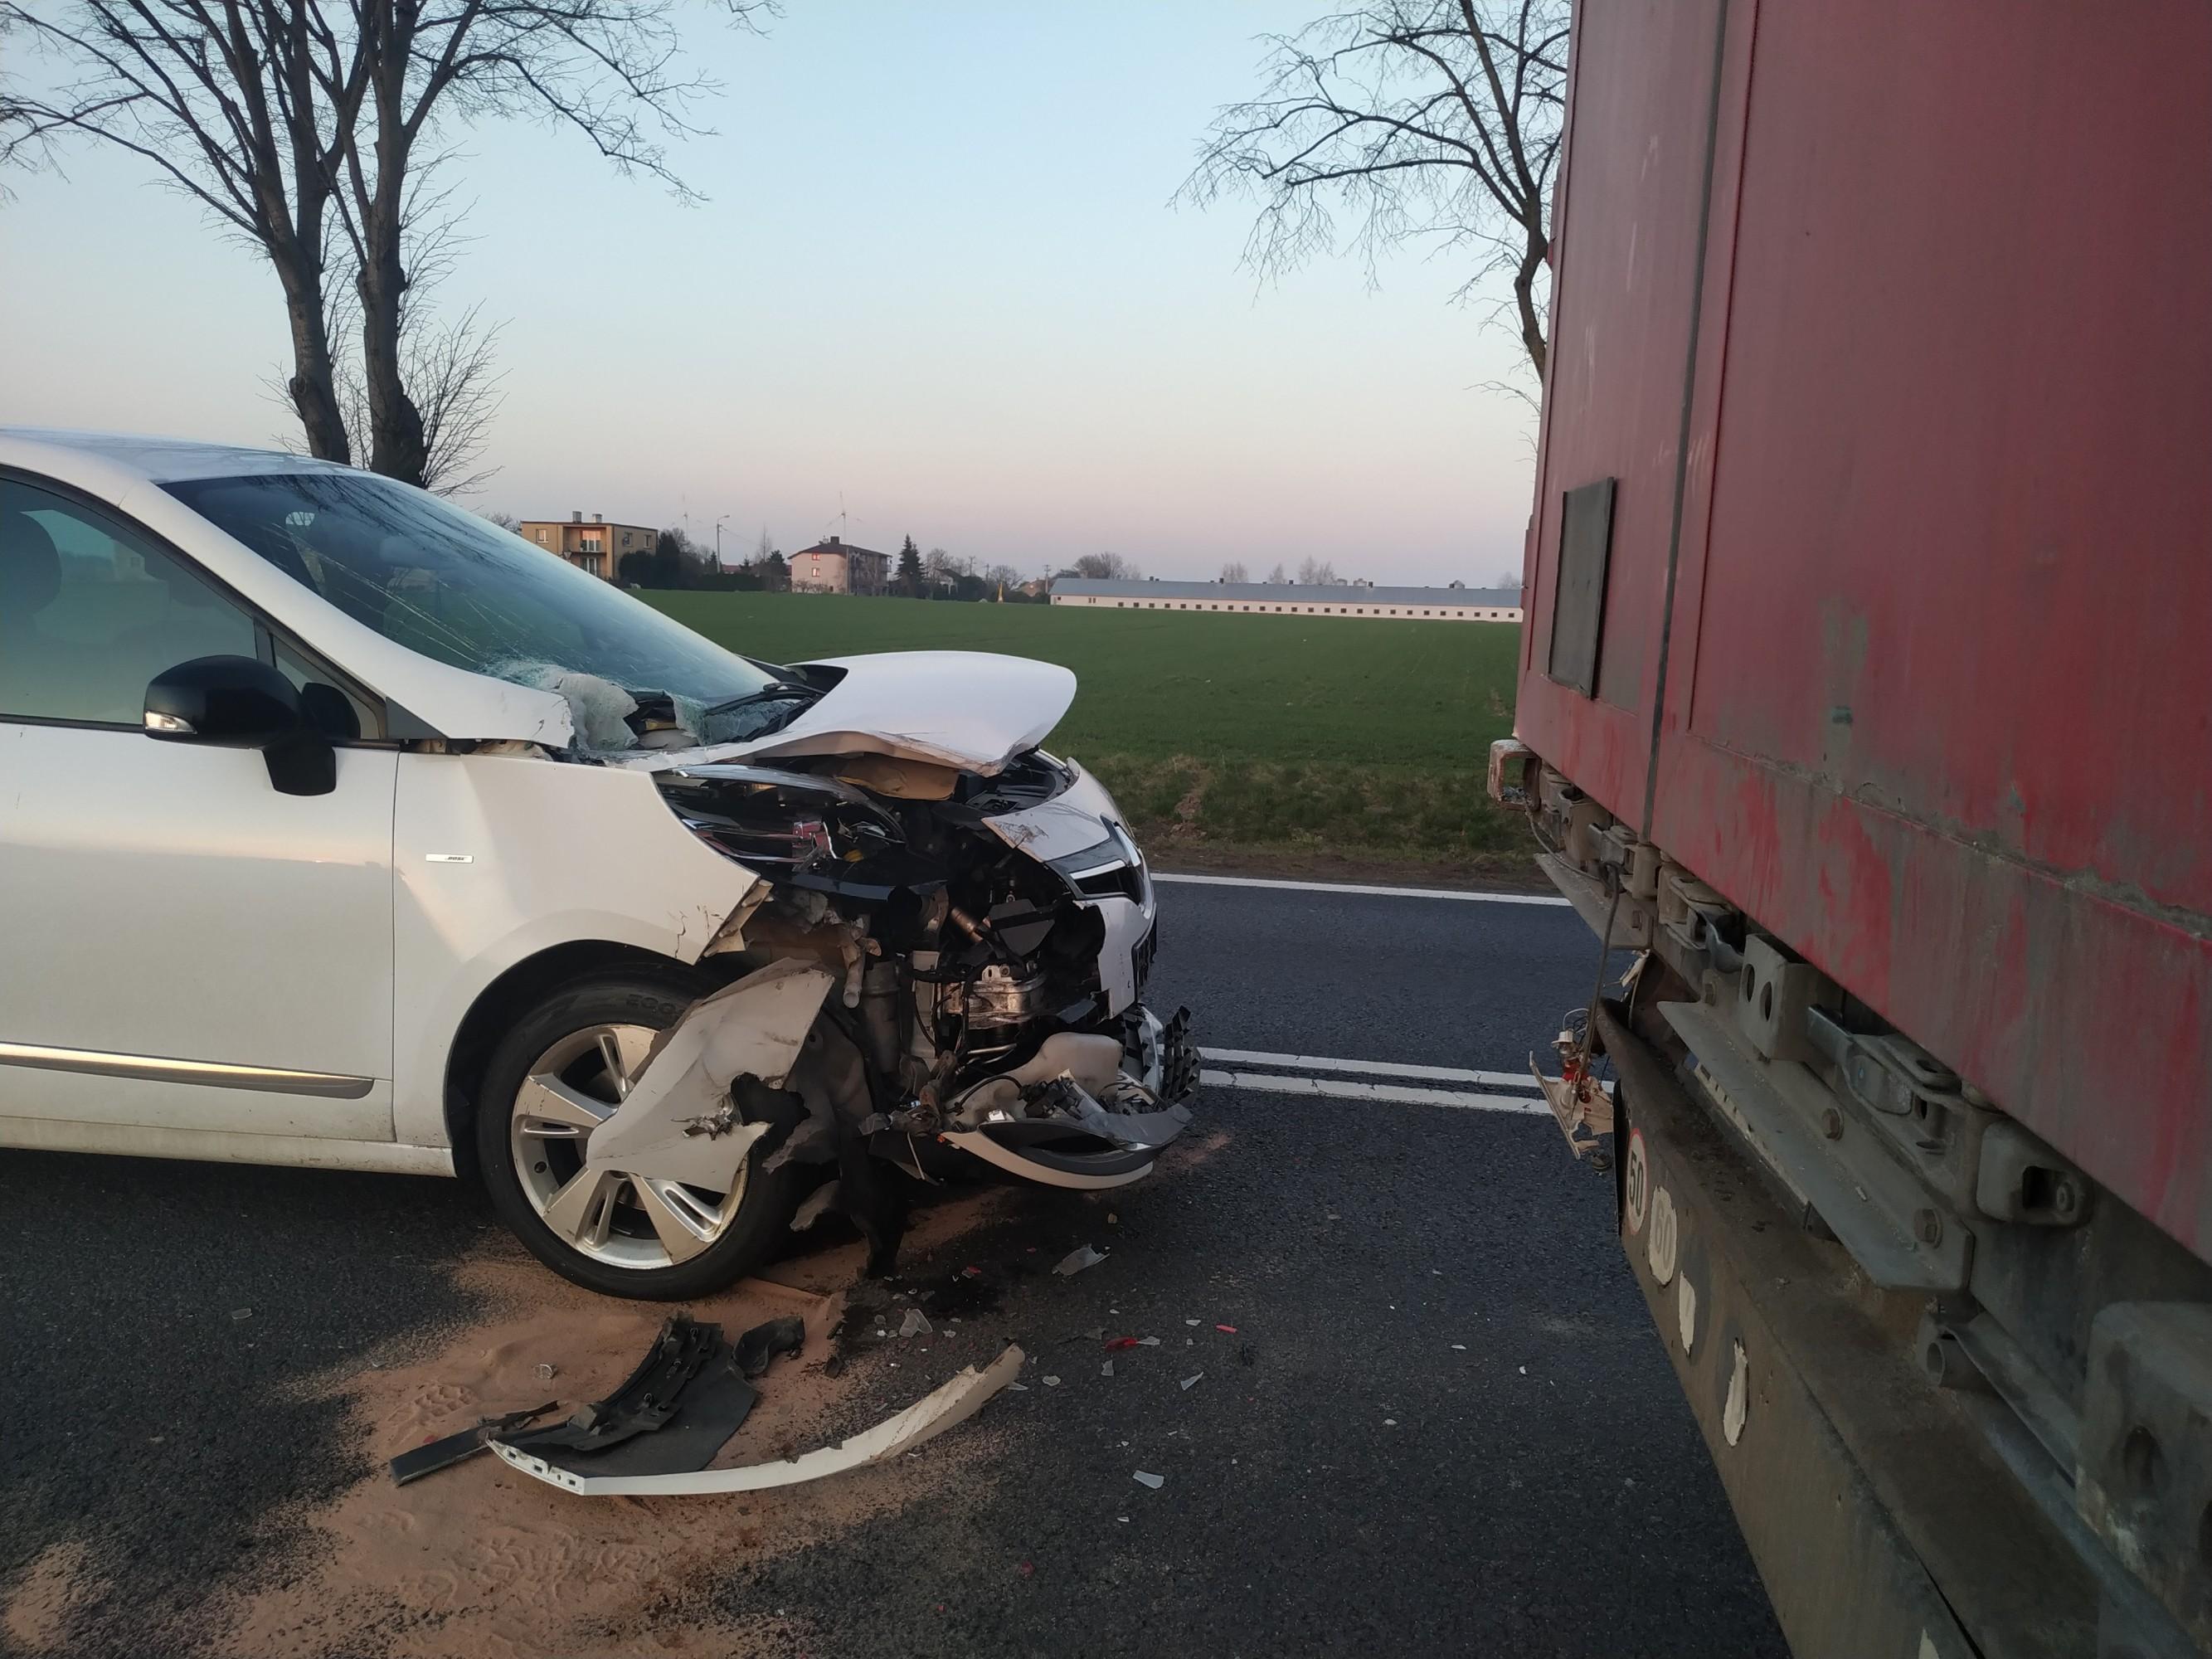 Wjechała w tył ciężarówki - Zdjęcie główne